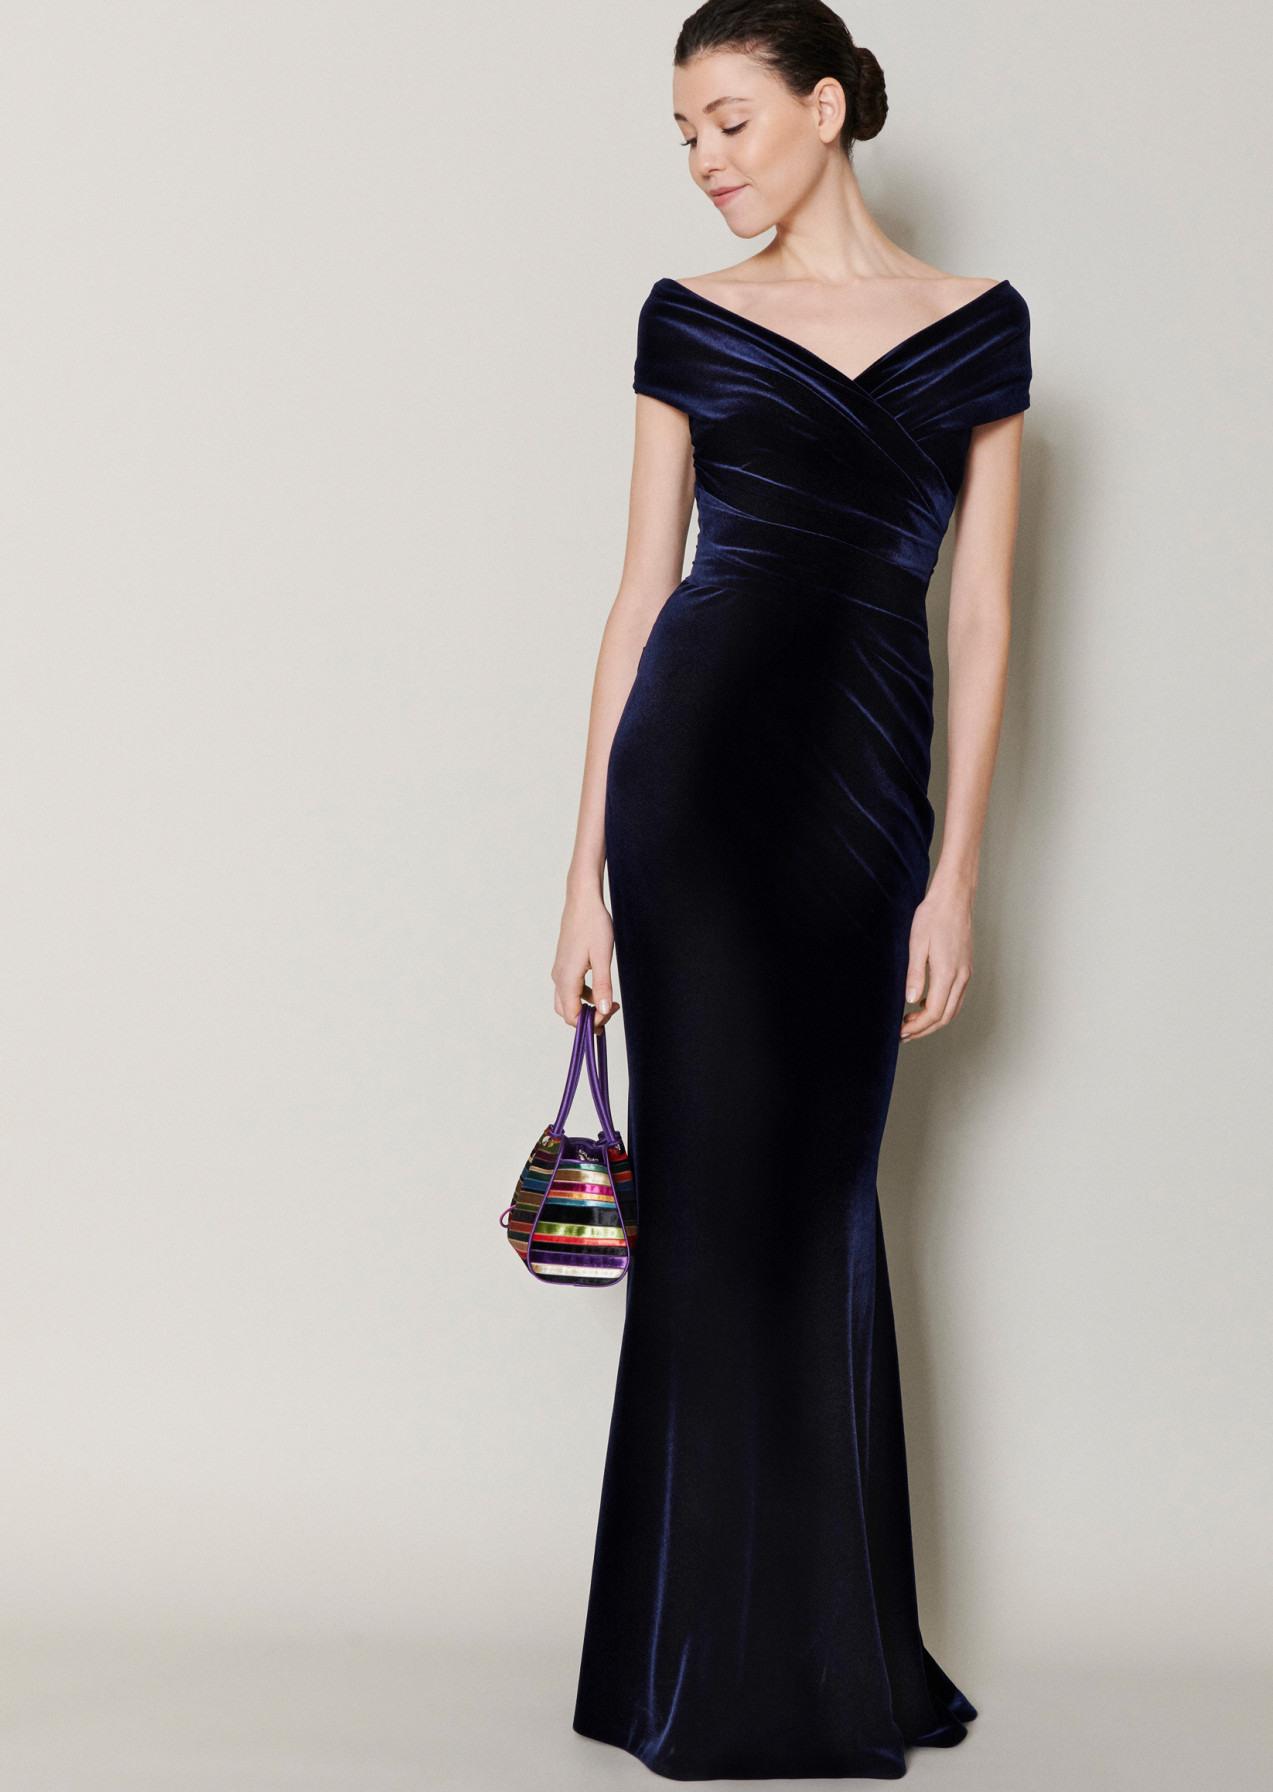 15 Erstaunlich Talbot Runhof Abendkleid Bester Preis20 Genial Talbot Runhof Abendkleid Spezialgebiet